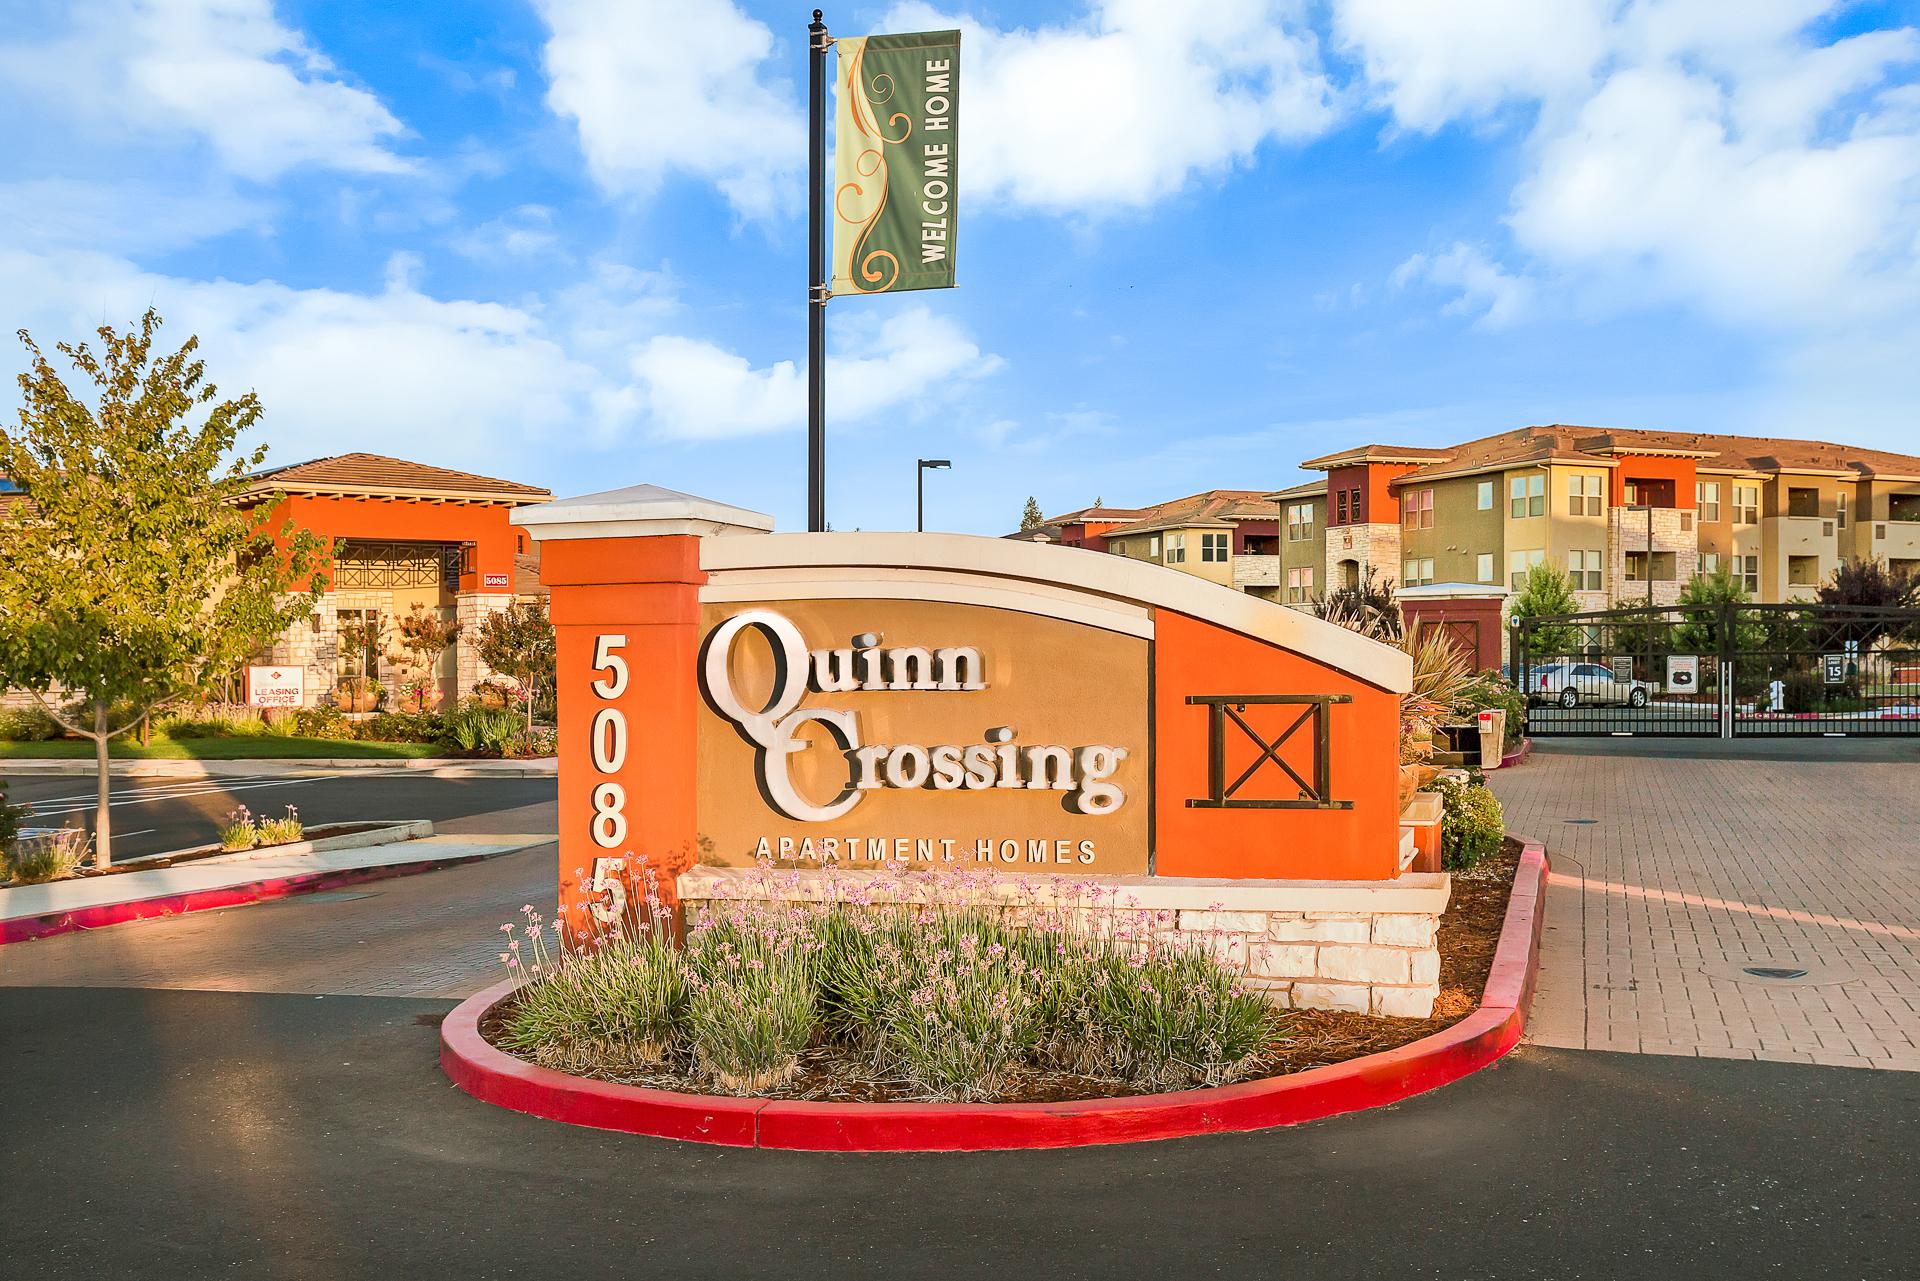 Quinn-Crossing-01.jpg